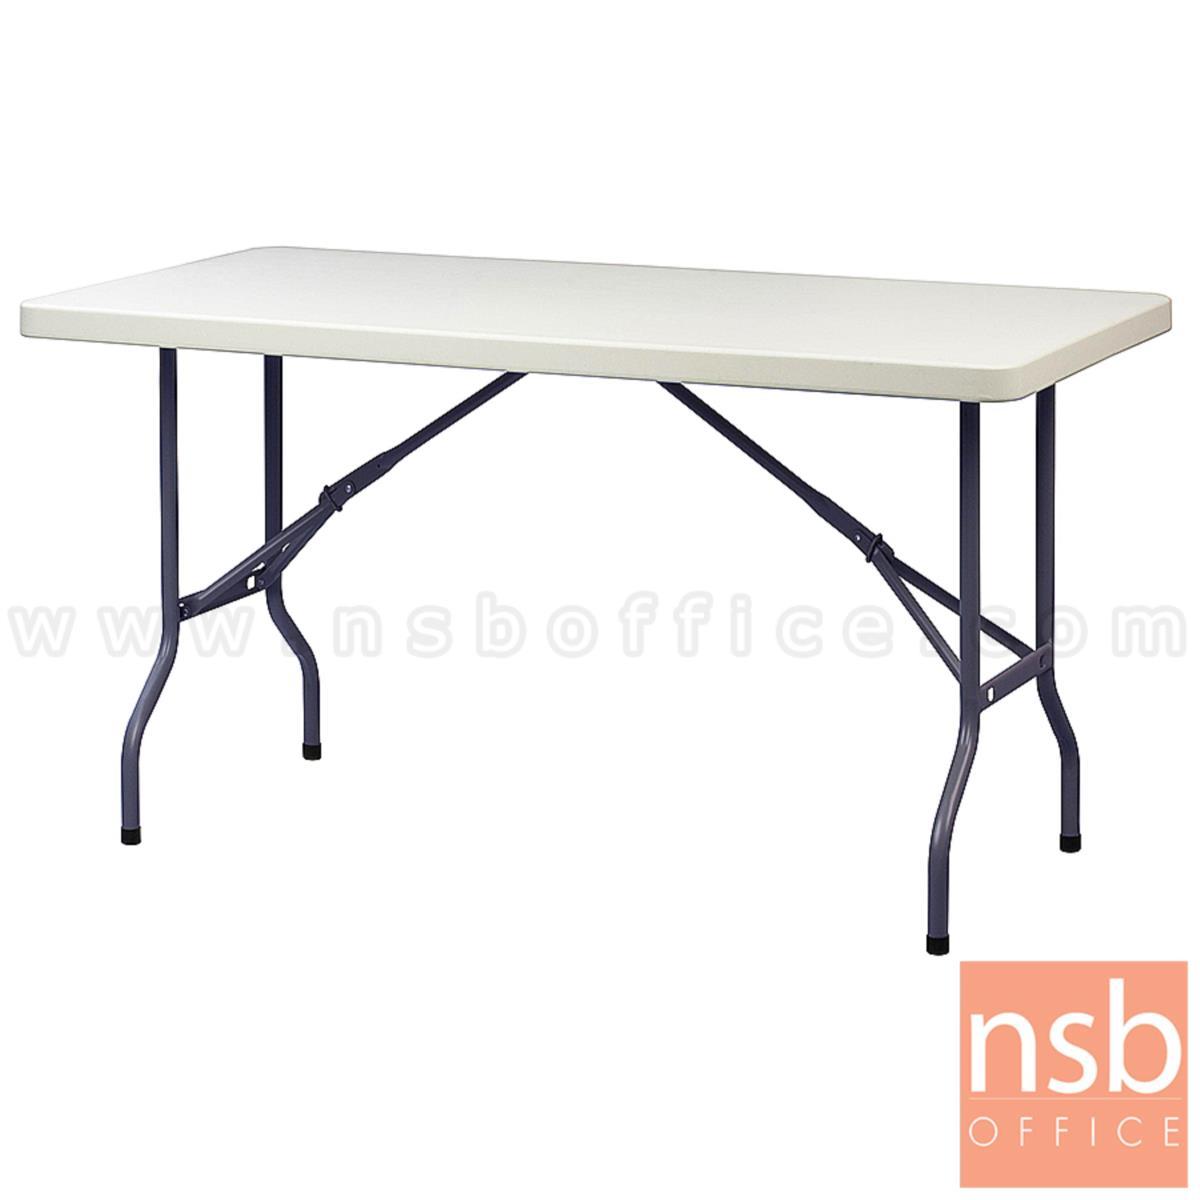 A19A022:โต๊ะกระเป๋าพับครึ่งหน้าพลาสติก รุ่น Apocalyp (อพอคาลิป) ขนาด 150W ,180W cm.  ขาอีพ็อกซี่เกล็ดเงิน